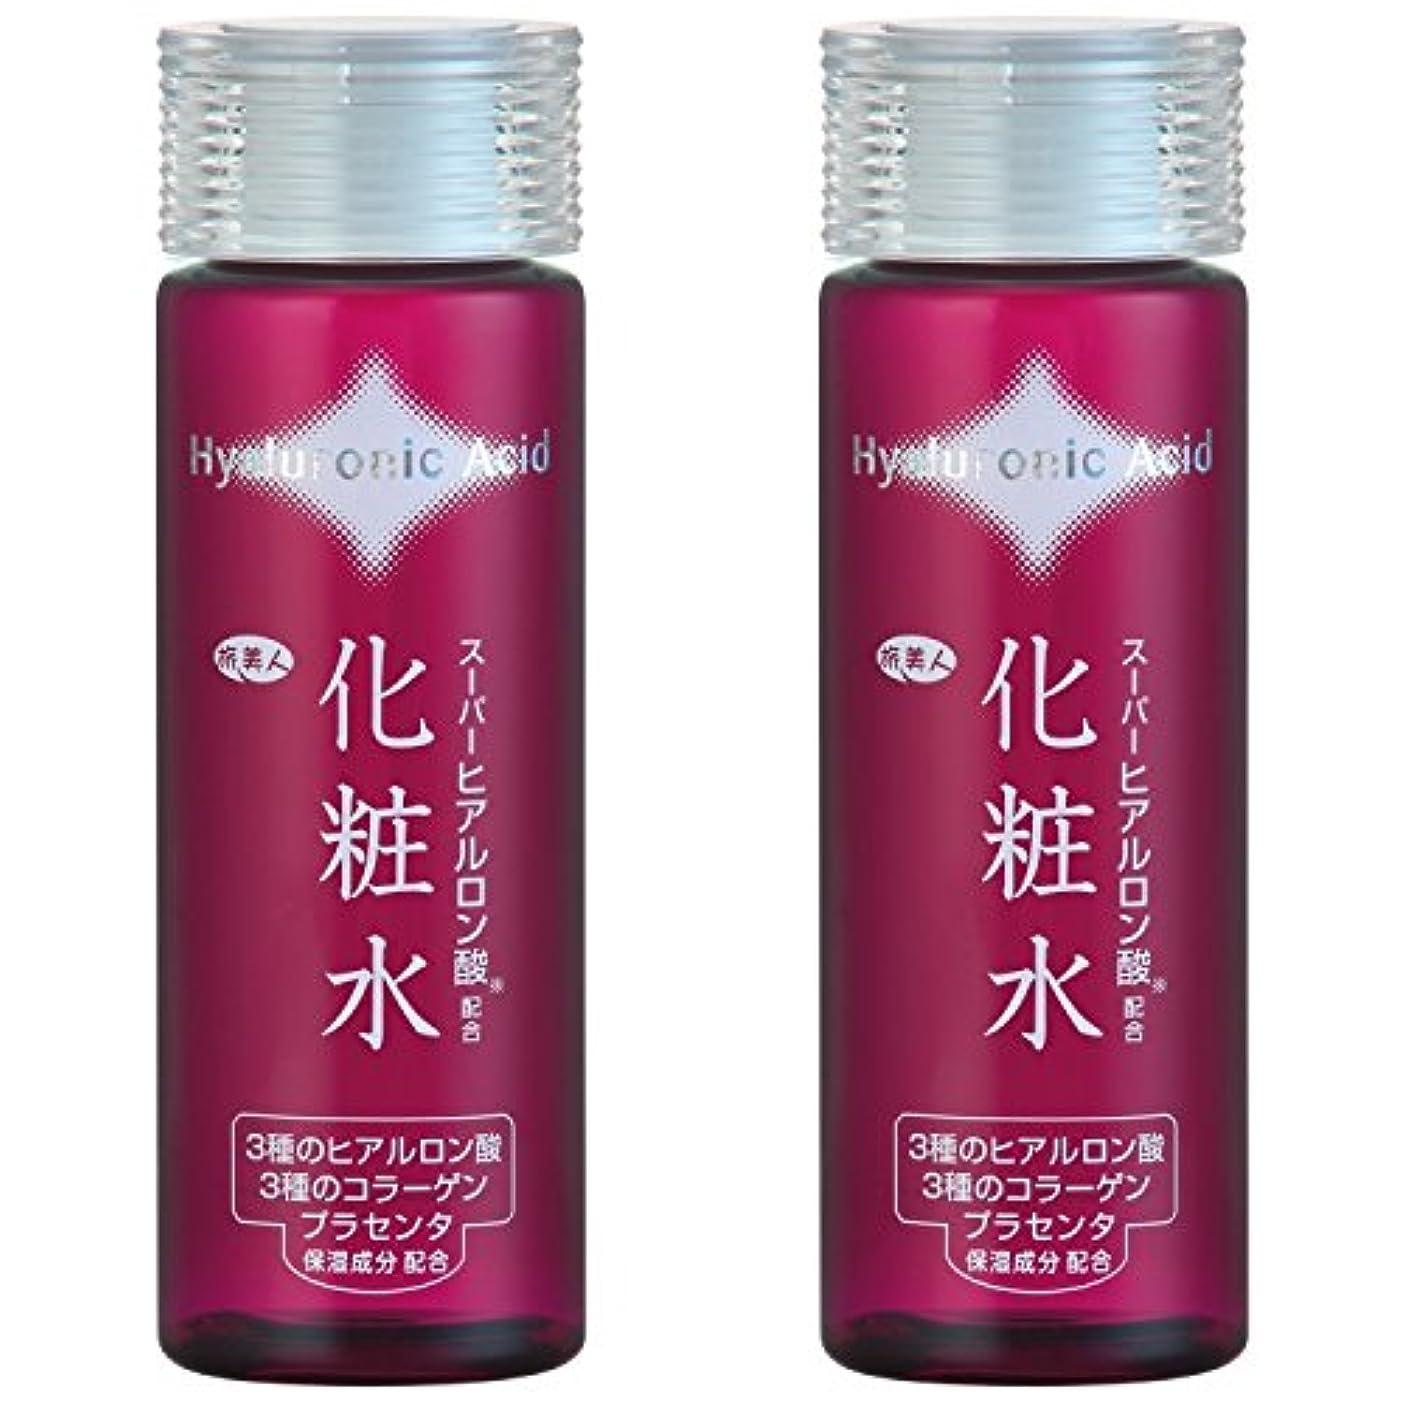 致死美人演劇アズマ商事の スーパーヒアルロン酸配合 化粧水2本セット / 7種の整肌保湿成分を贅沢配合 旅美人